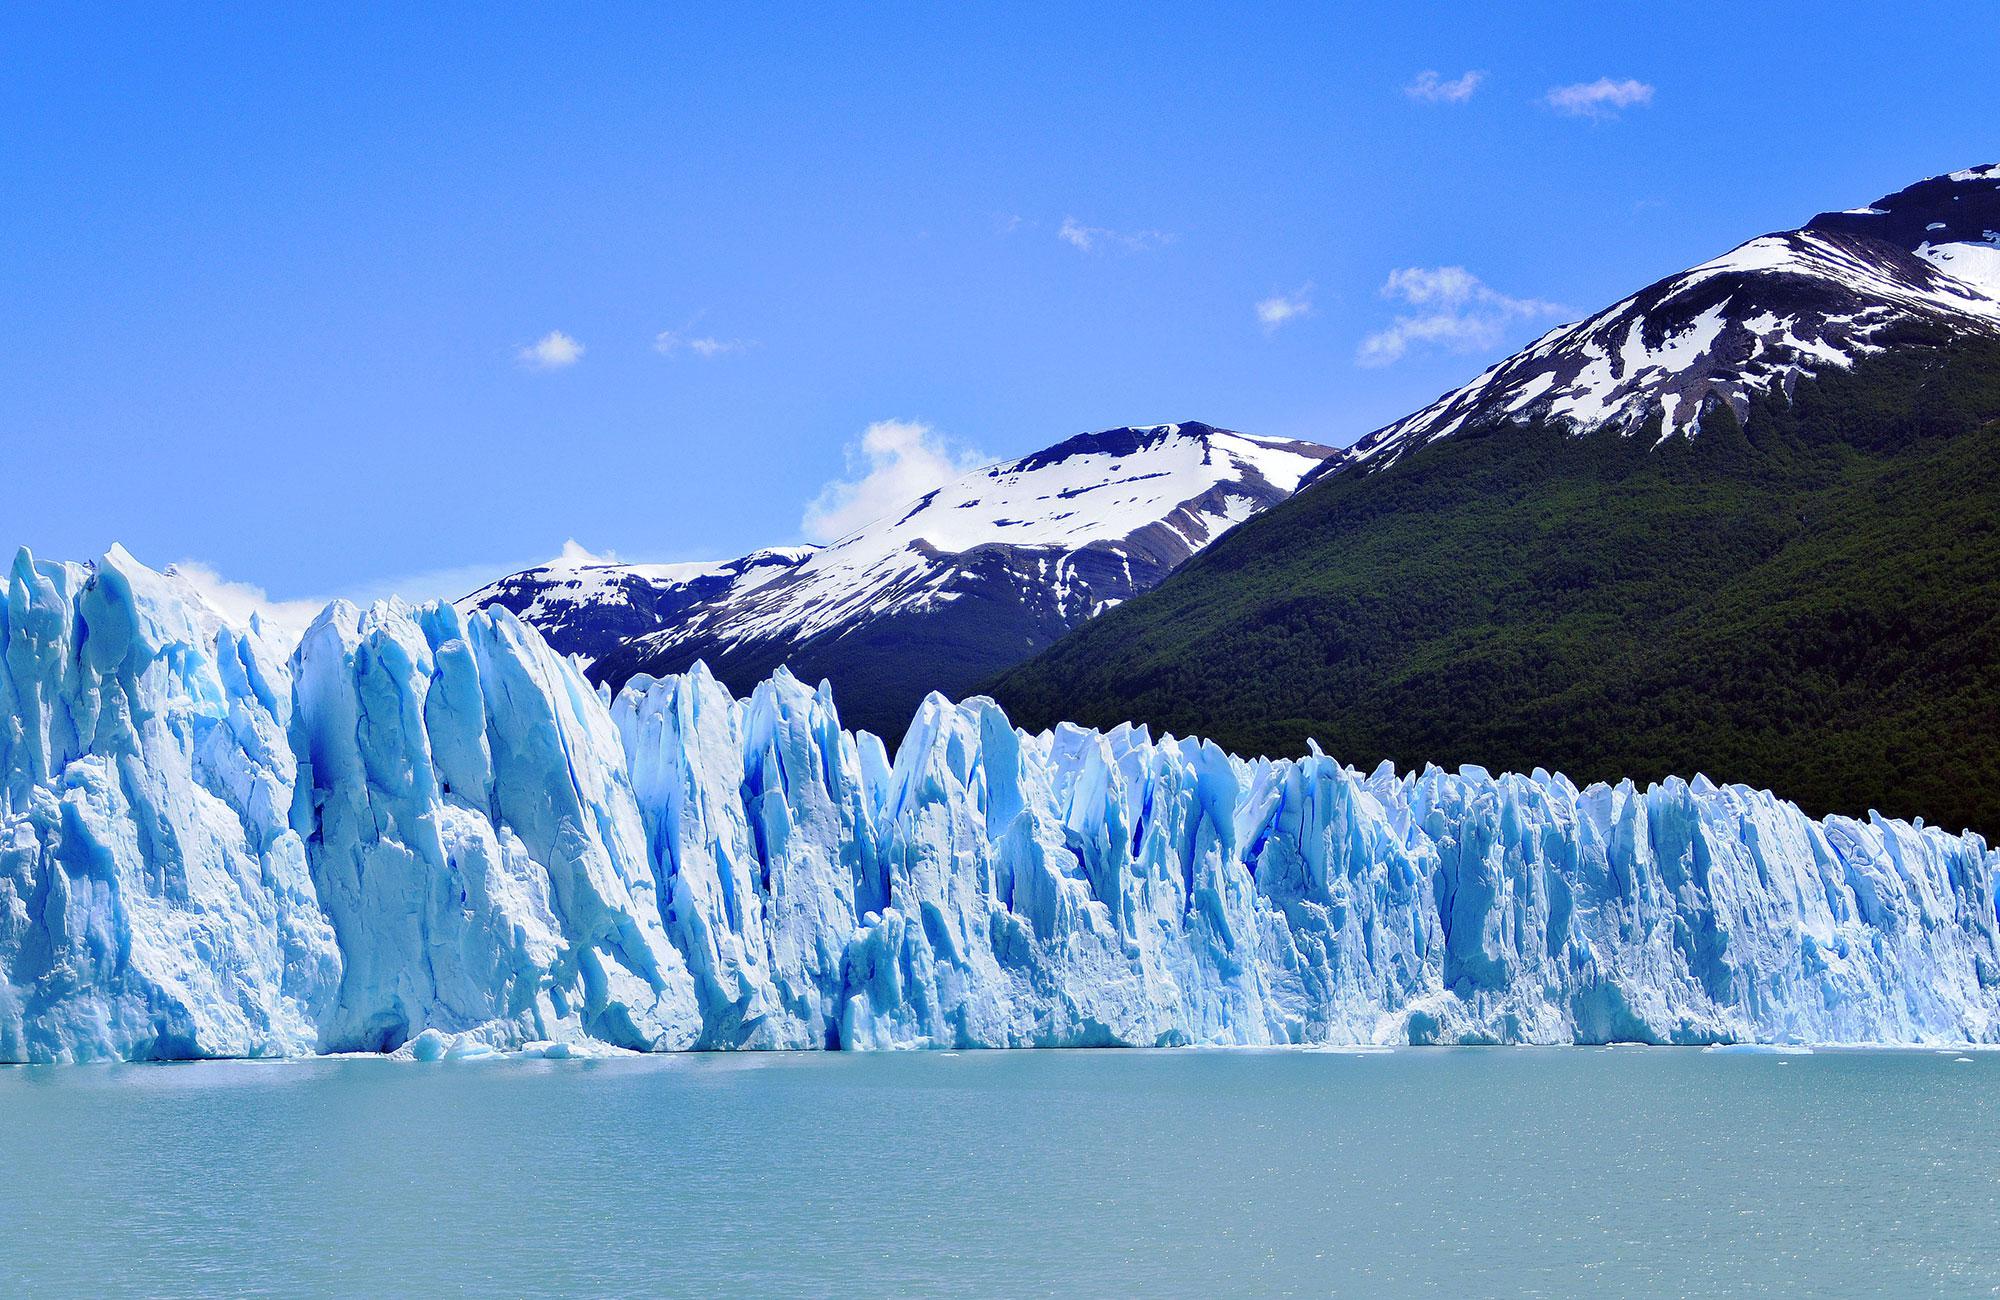 Voyage Argentine Patagonie - Glacier Perito Moreno - Amplitudes